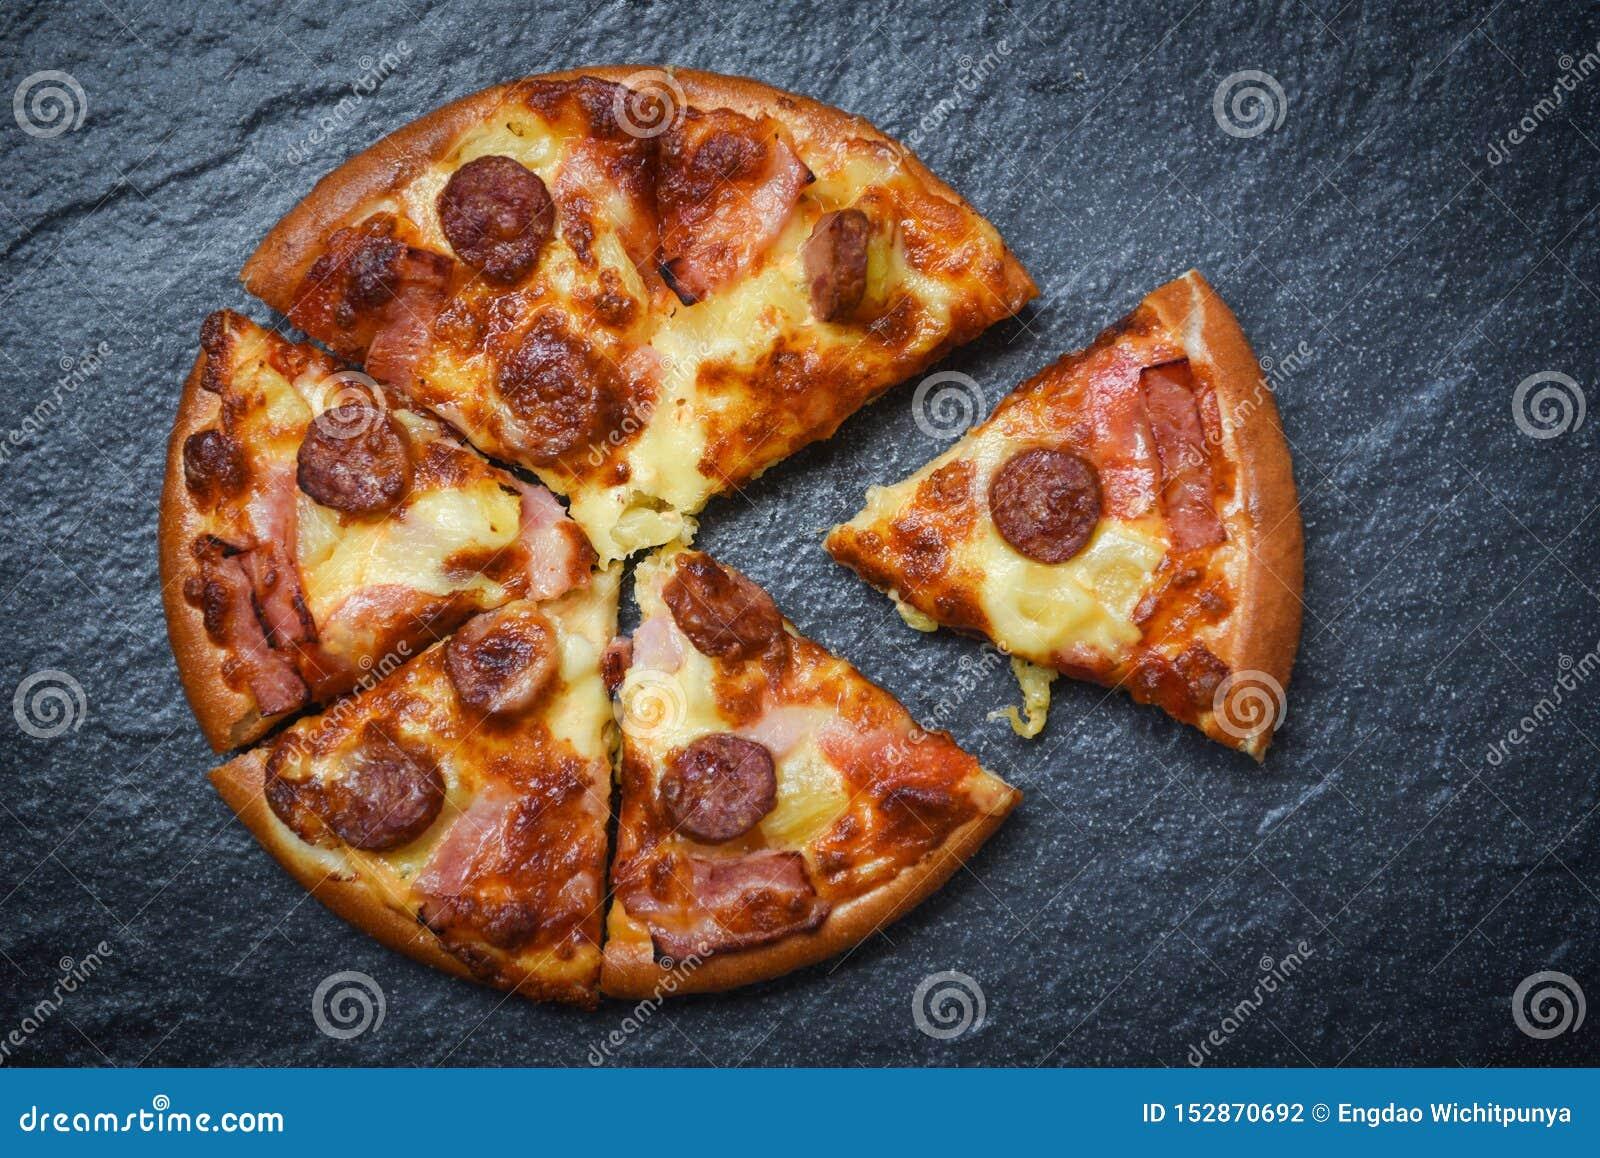 Fatia da pizza no queijo tradicional italiano da pizza do fundo escuro/fast food saboroso delicioso com mussarela, salsicha de ca